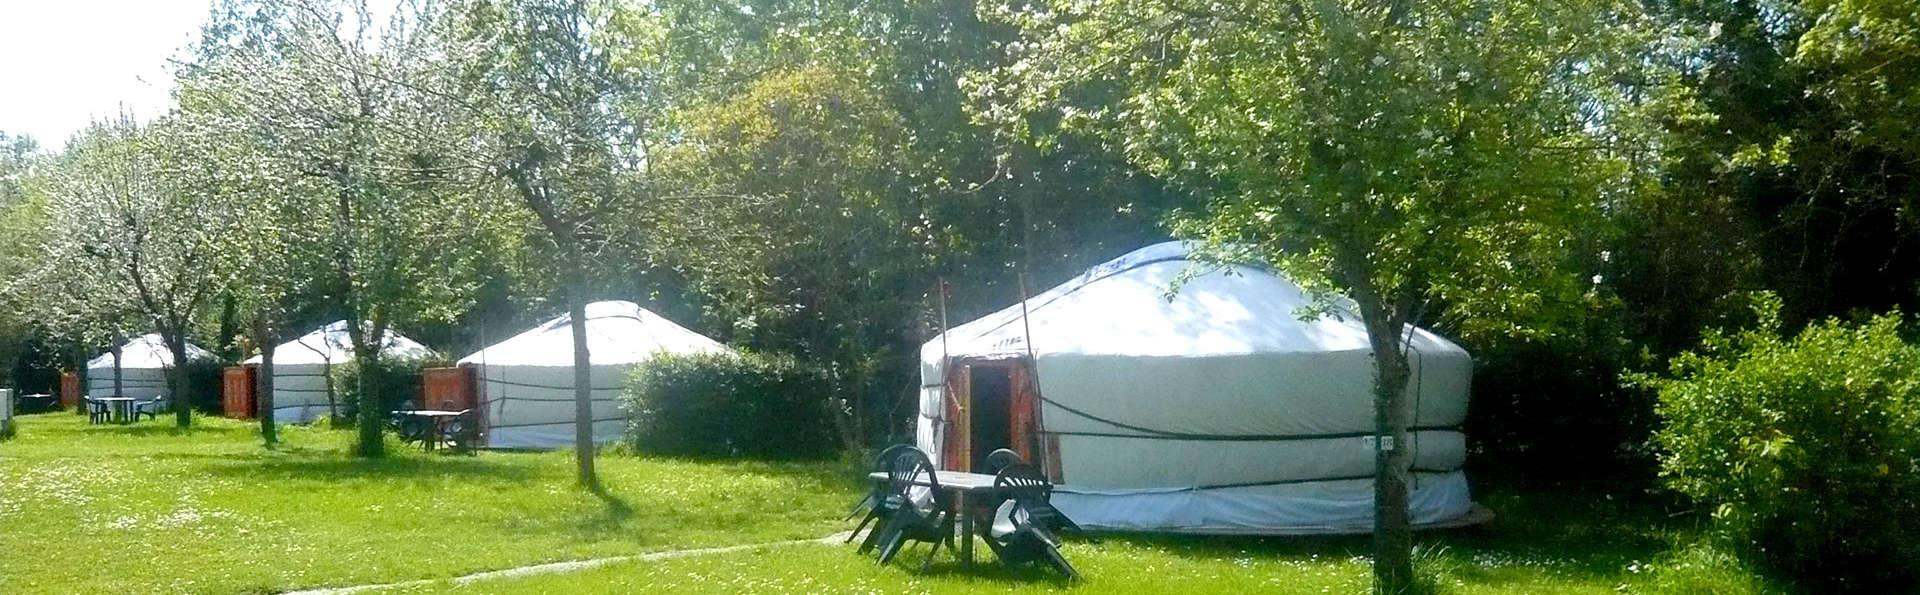 Vivez une expérience unique dans une yourte sur la côte près de Cancale et Saint-Malo